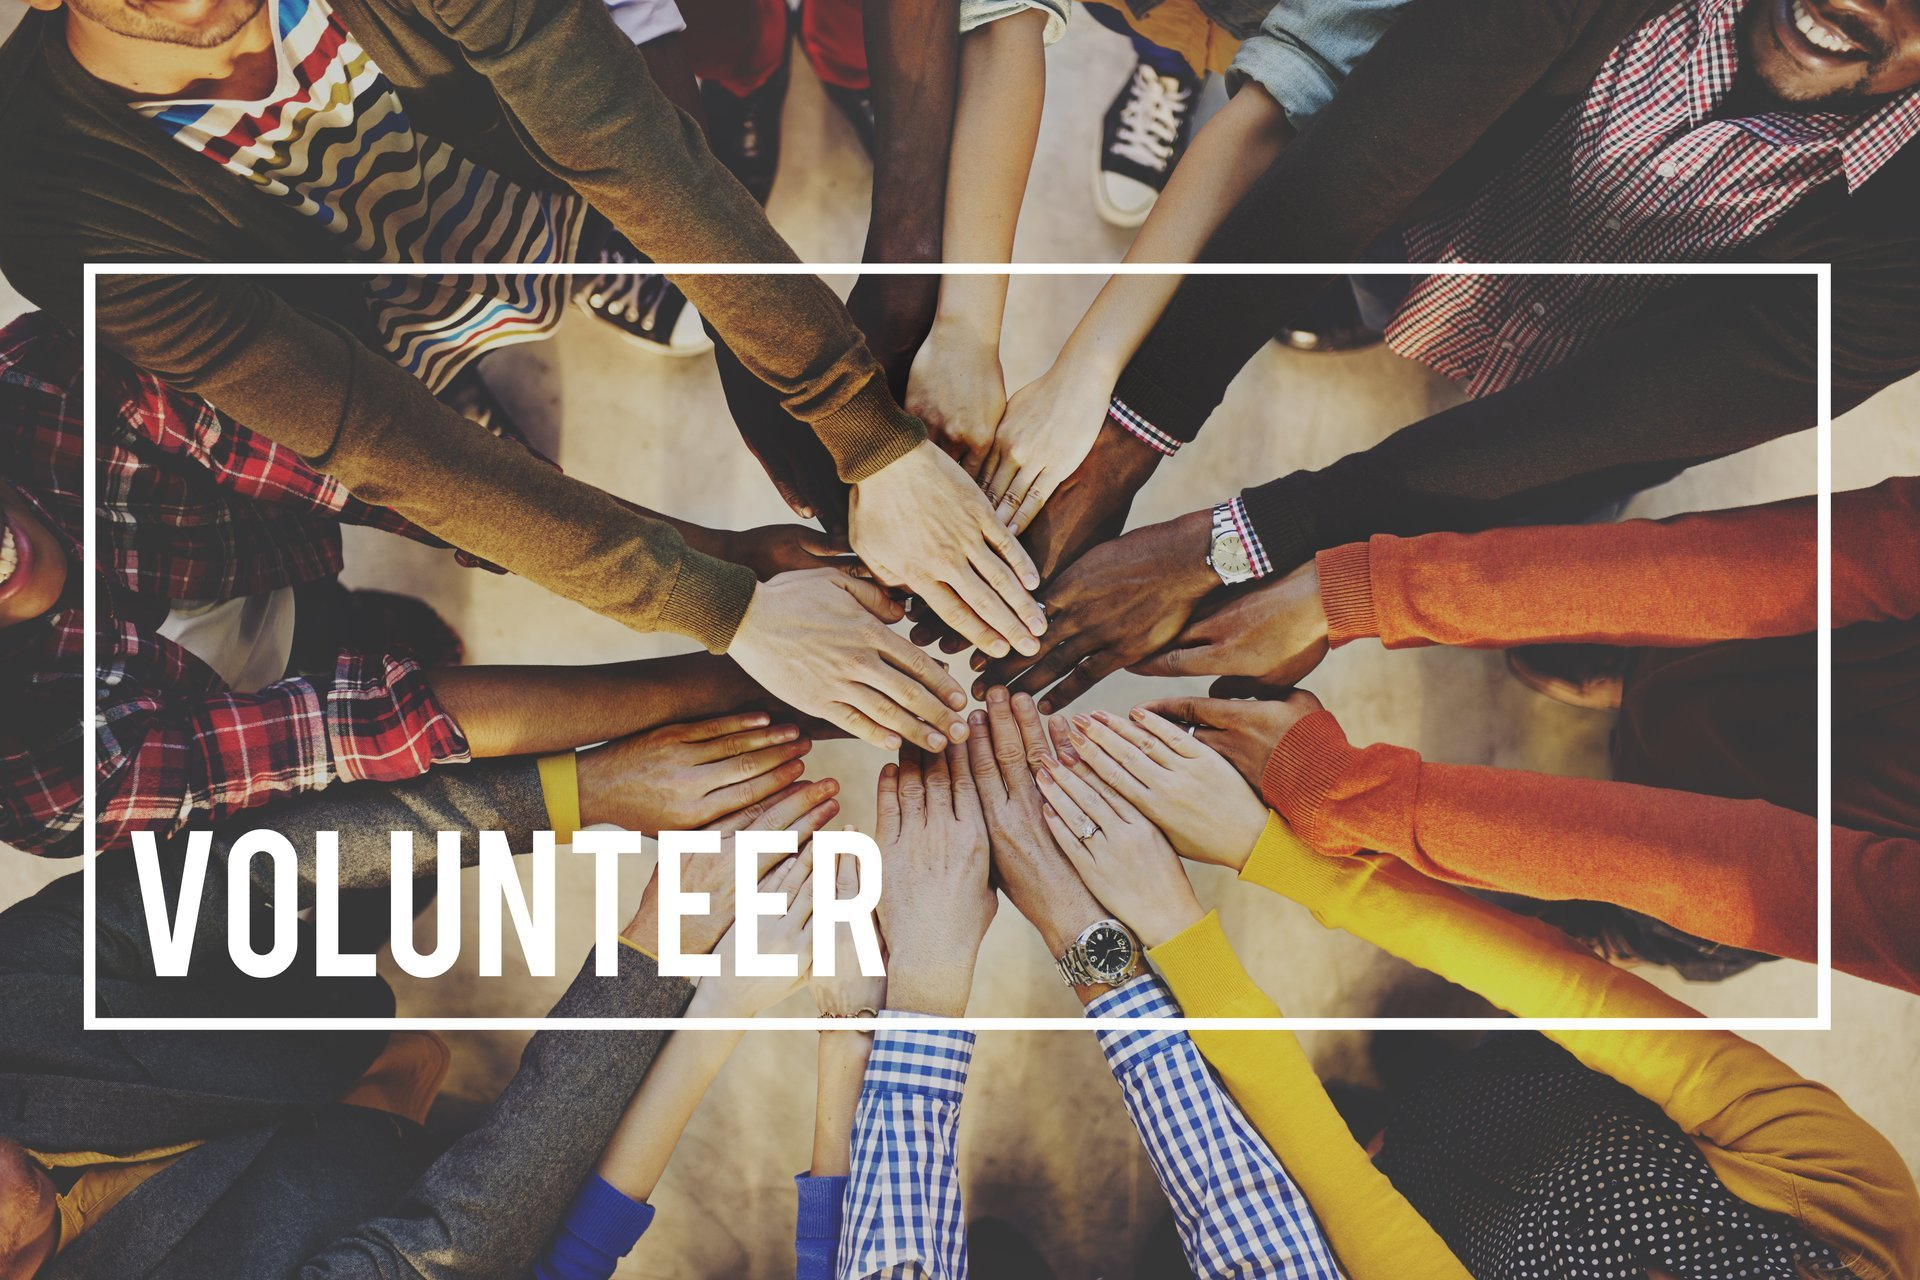 Parish Volunteering